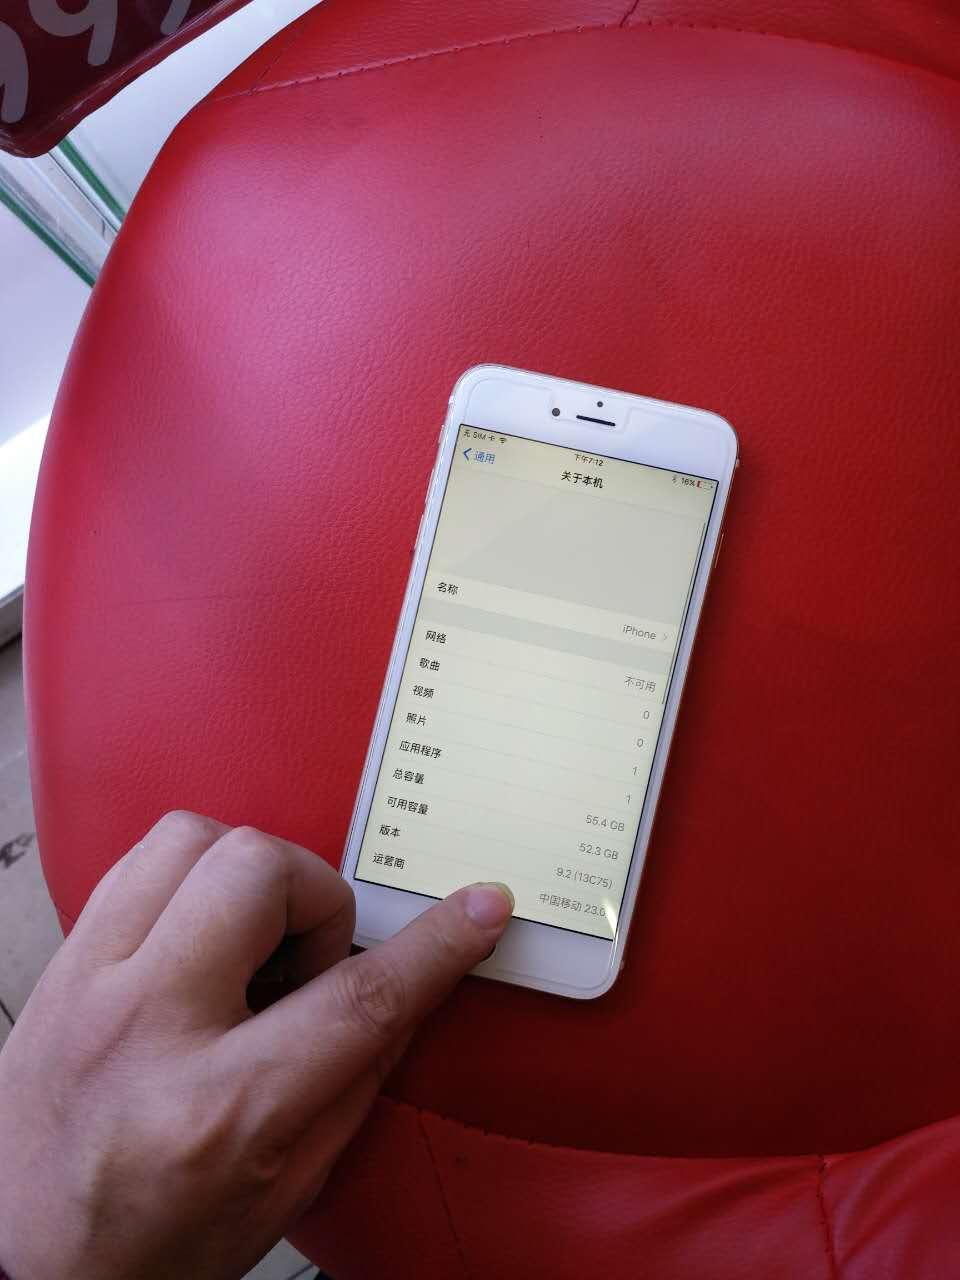 苹果6sp玫瑰金64g8.5成新4200元